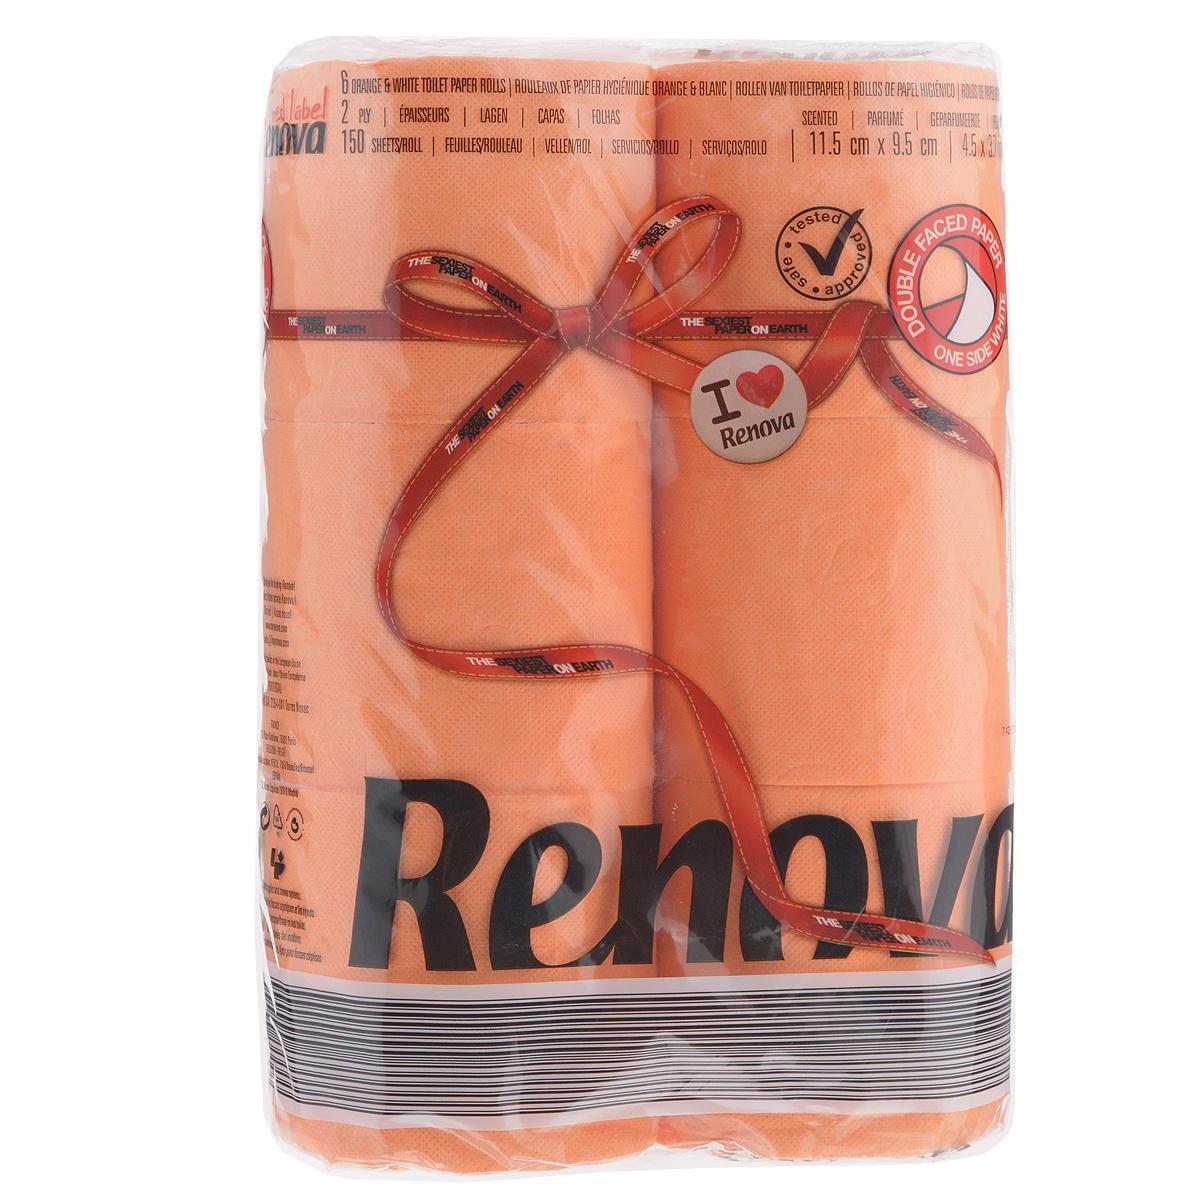 Туалетная бумага Renova, двухслойная, ароматизированная, цвет: оранжевый, 6 рулонов391602Туалетная бумага Renova изготовлена по новейшей технологии из 100% ароматизированной целлюлозы, благодаря чему она имеет тонкий аромат, очень мягкая, нежная, но в тоже время прочная. Эксклюзивная двухсторонняя туалетная бумага Renova  экстрамодного цвета, придаст вашему туалету оригинальность. Состав: 100% ароматизированная целлюлоза.Количество листов: 150 шт. Количество слоев: 2. Размер листа: 11,5 см х 9,5 см. Количество рулонов: 6 шт. Португальская компания Renova является ведущим разработчиком новейших технологий производства, нового стиля и направления на рынке гигиенической продукции.Современный дизайн и высочайшее качество, дерматологический контроль - это то, что выделяет компанию Renova среди других производителей бумажной санитарно-гигиенической продукции.